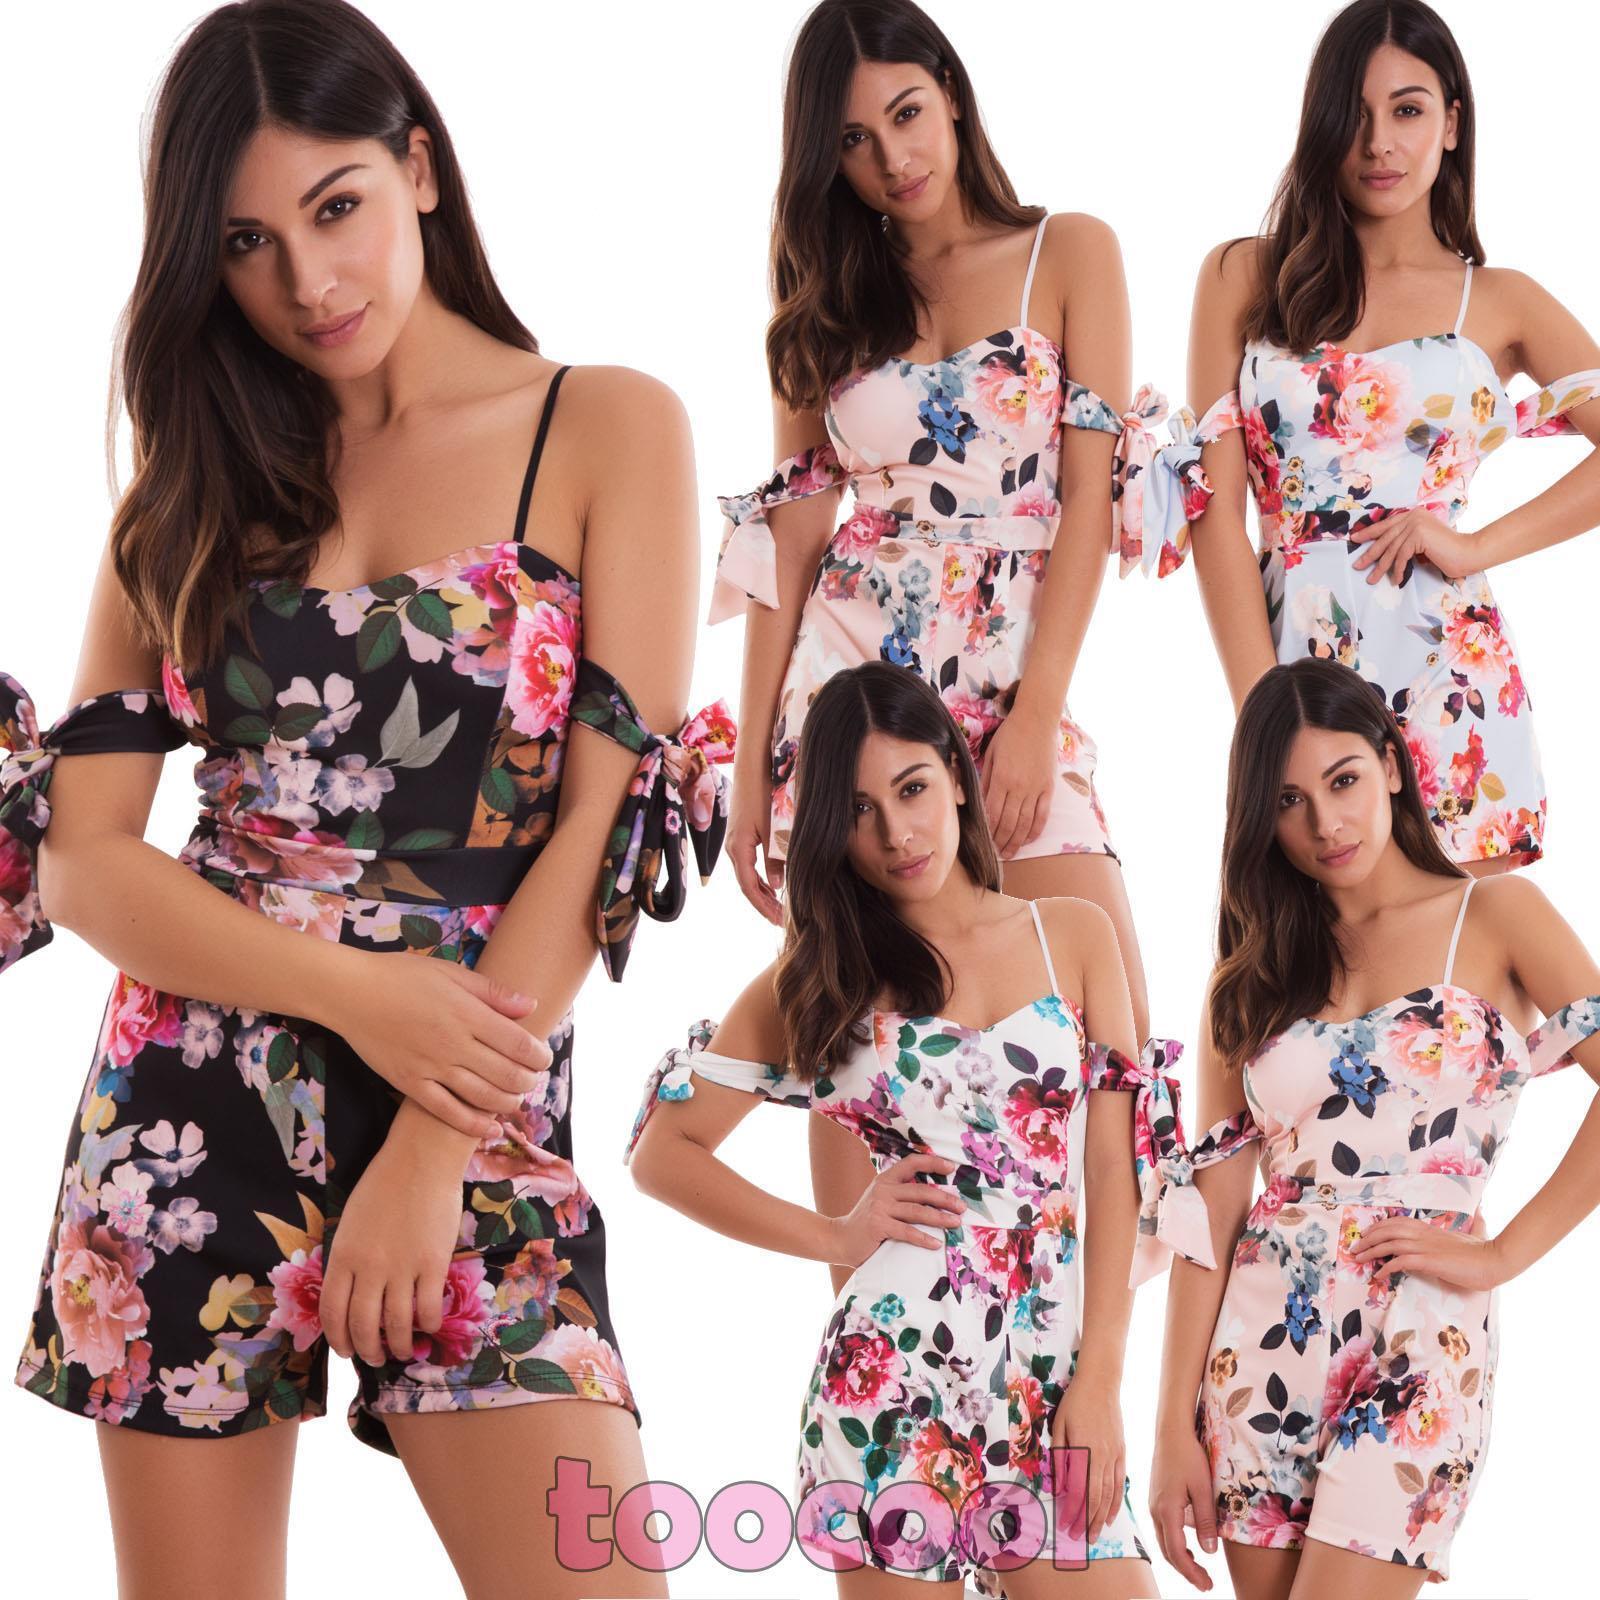 95abec1efba3 Detalles de Total Mujer Pelele Todo Pantalones Cortos Shorts Flores Escamas  Sexy Nueva